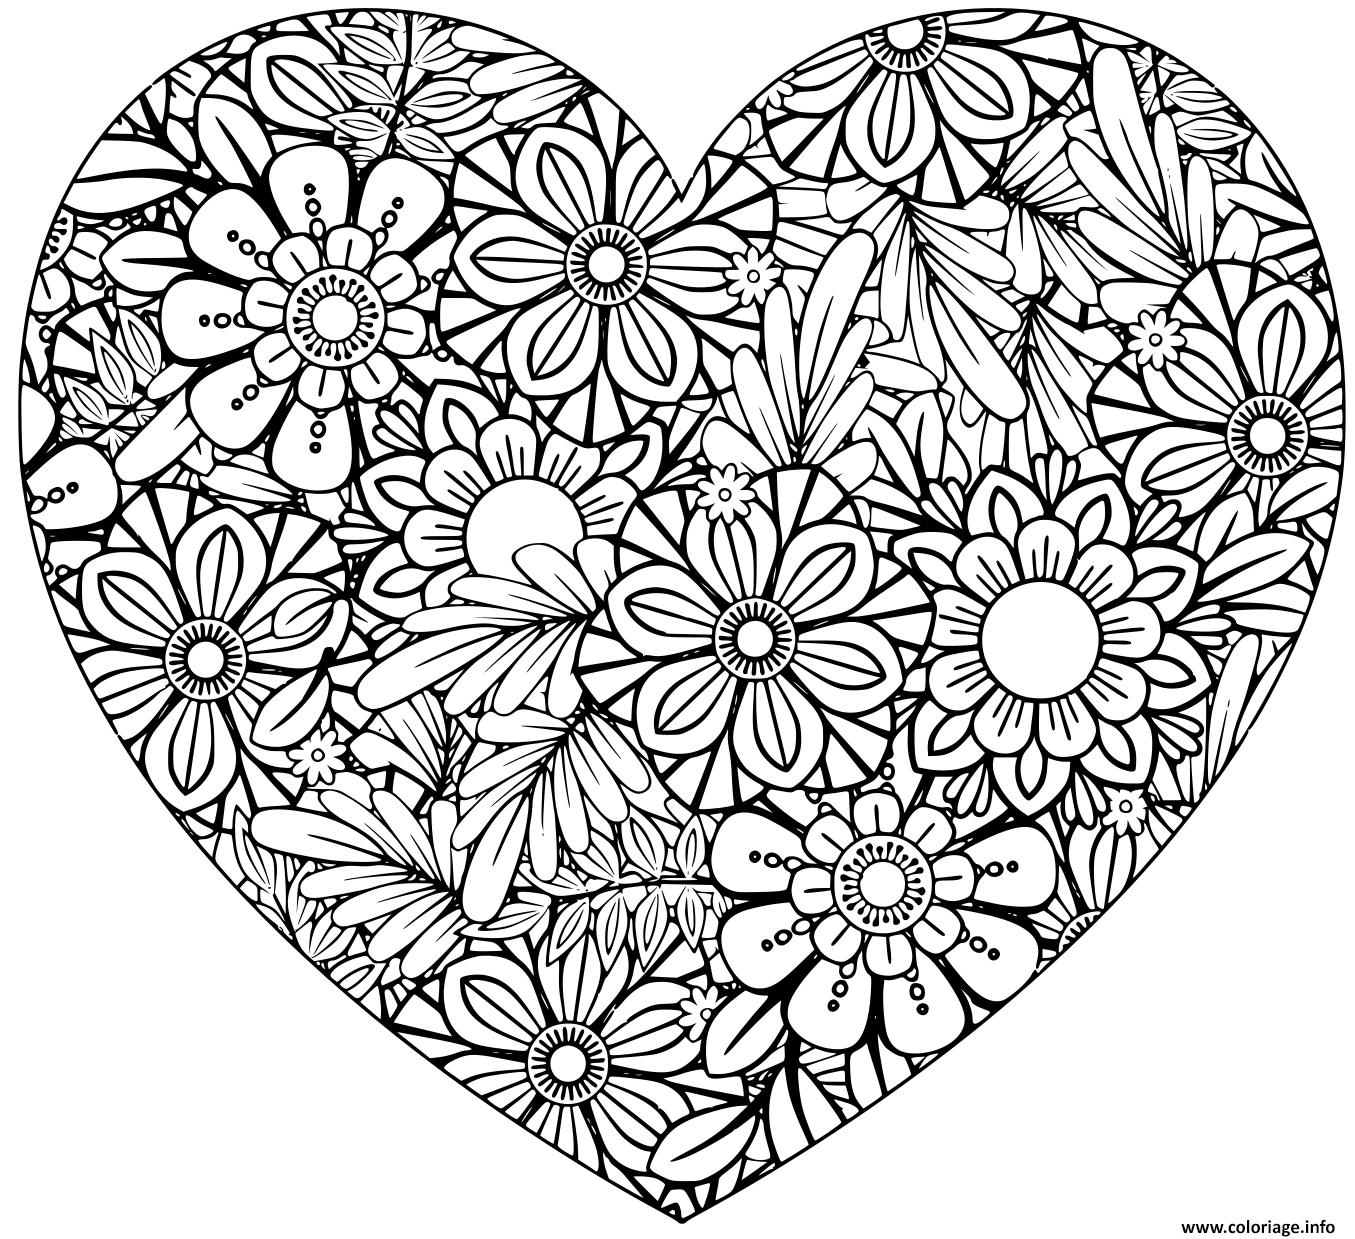 Dessin coeur avec pattern fleurs et nature relaxation adulte Coloriage Gratuit à Imprimer